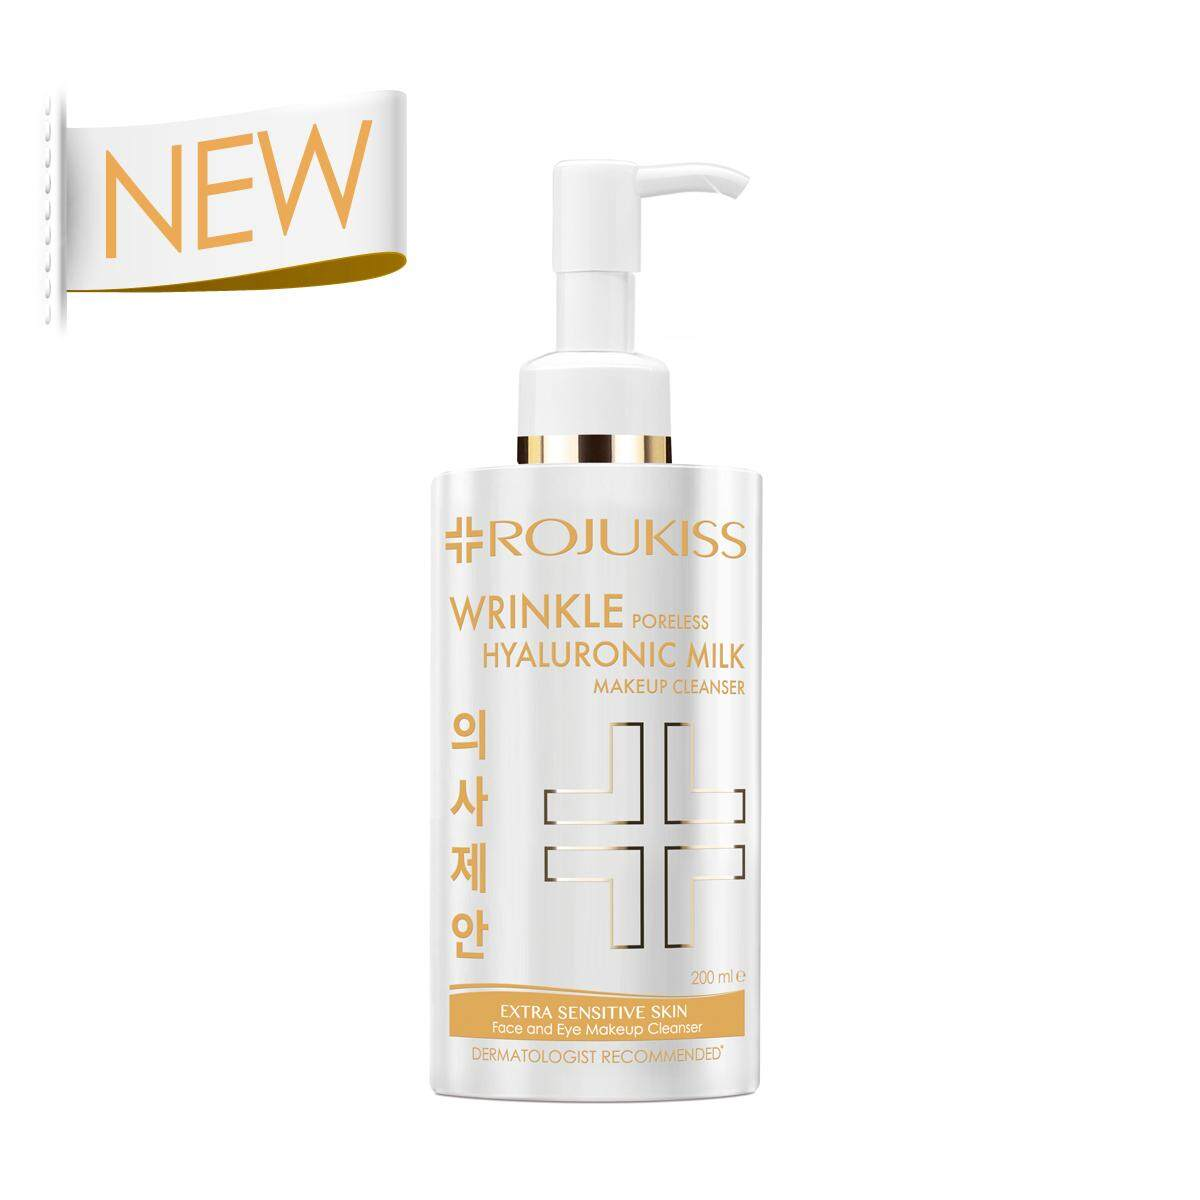 ขาย Rojukiss Wrinkle Poreless Hyaluronic Milk Makeup Cleanser 200 Ml ใหม่